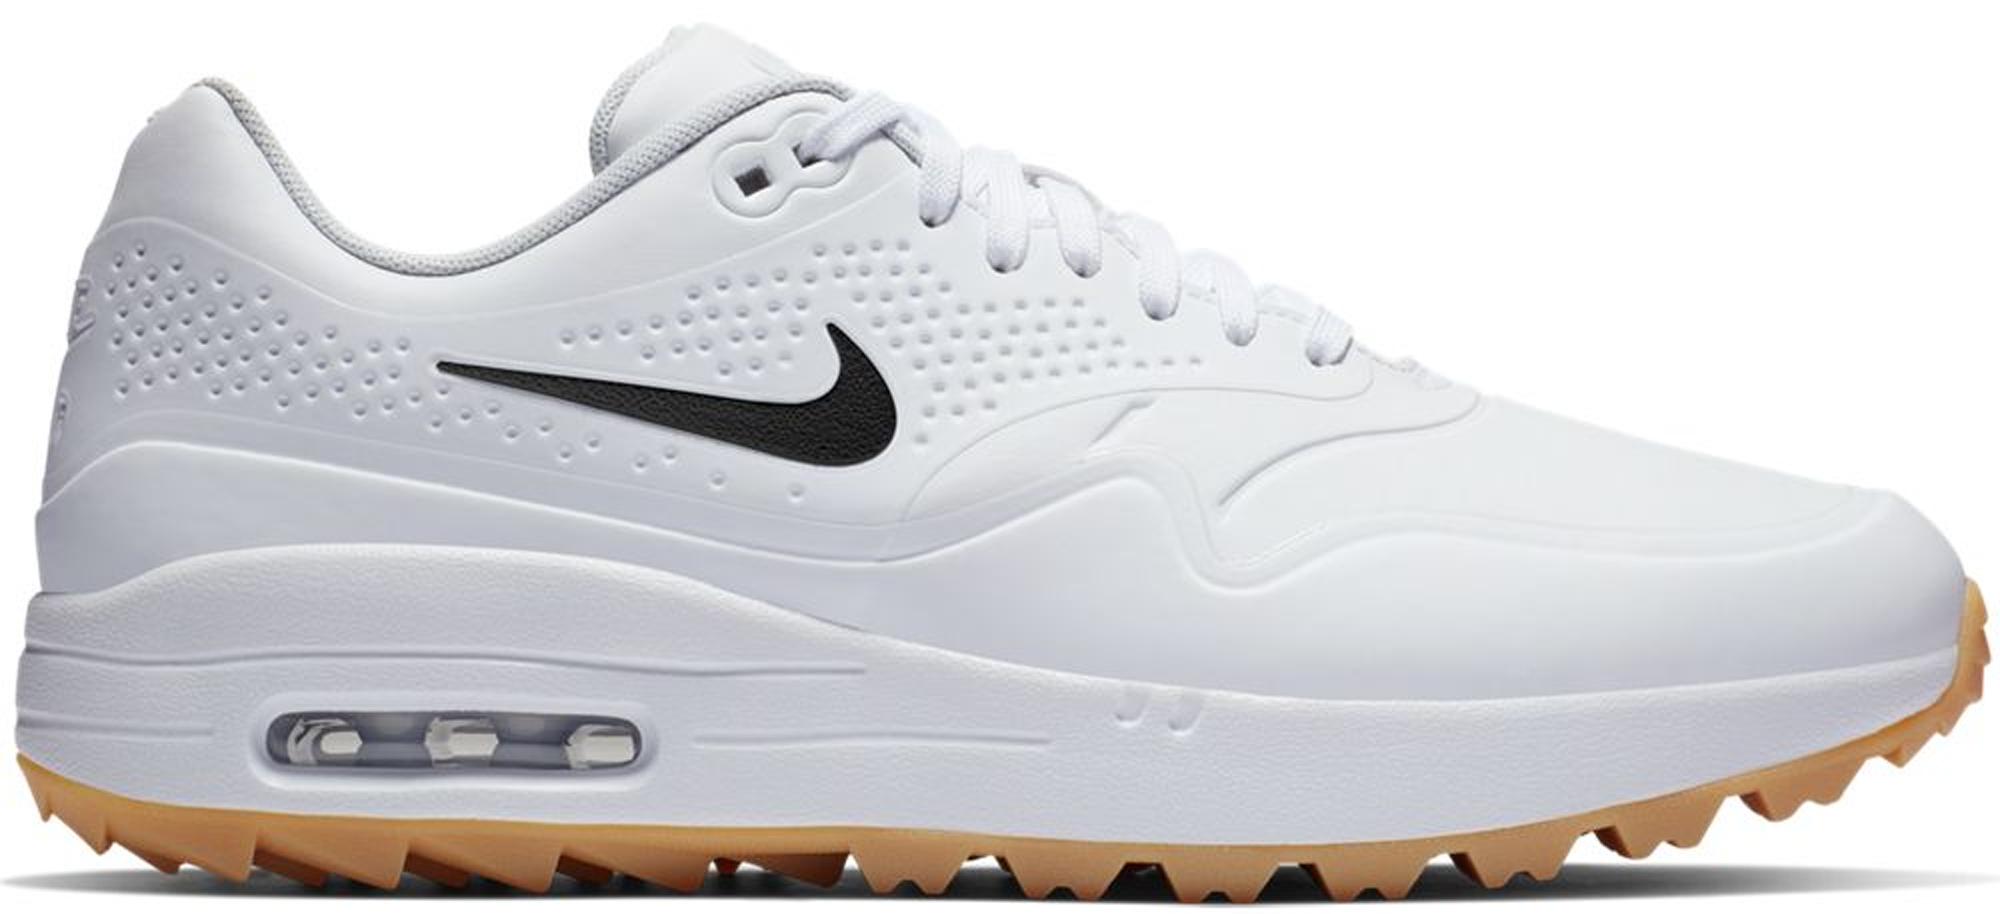 Nike Air Max 1 Golf White Gum Black